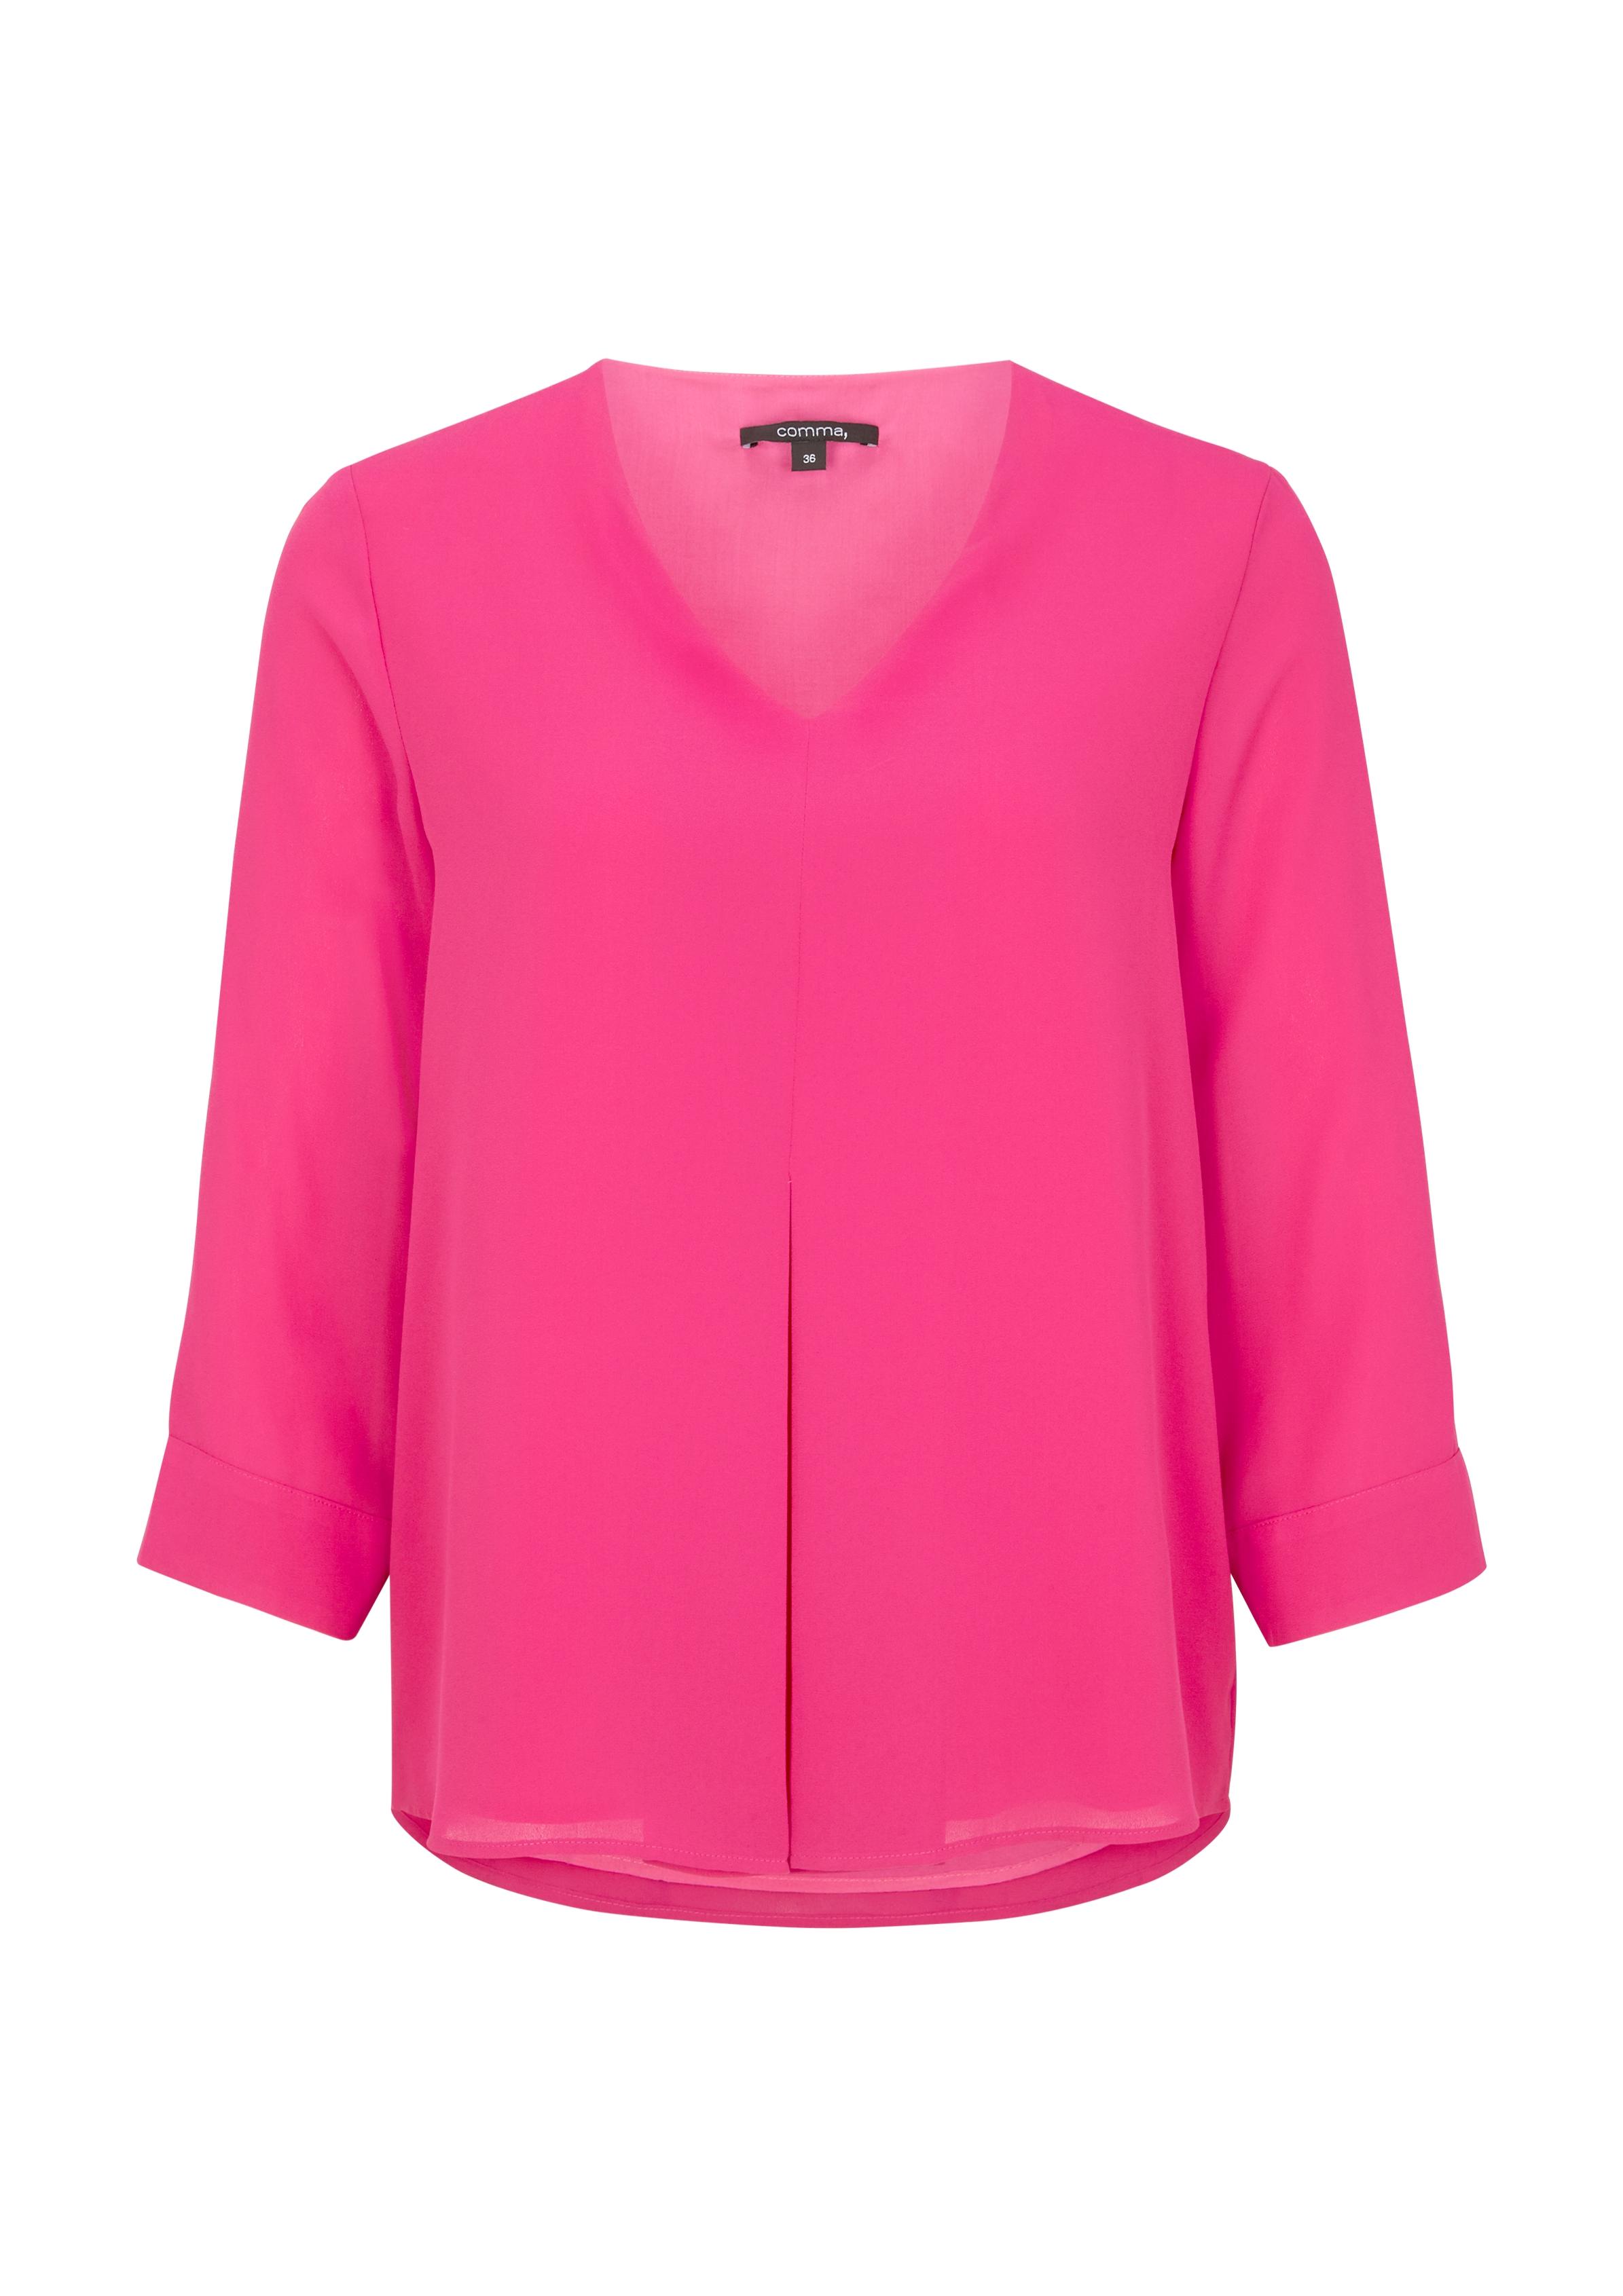 Artikel klicken und genauer betrachten! - Bluse mit Layering-Effekt #todayfortomorrow | im Online Shop kaufen